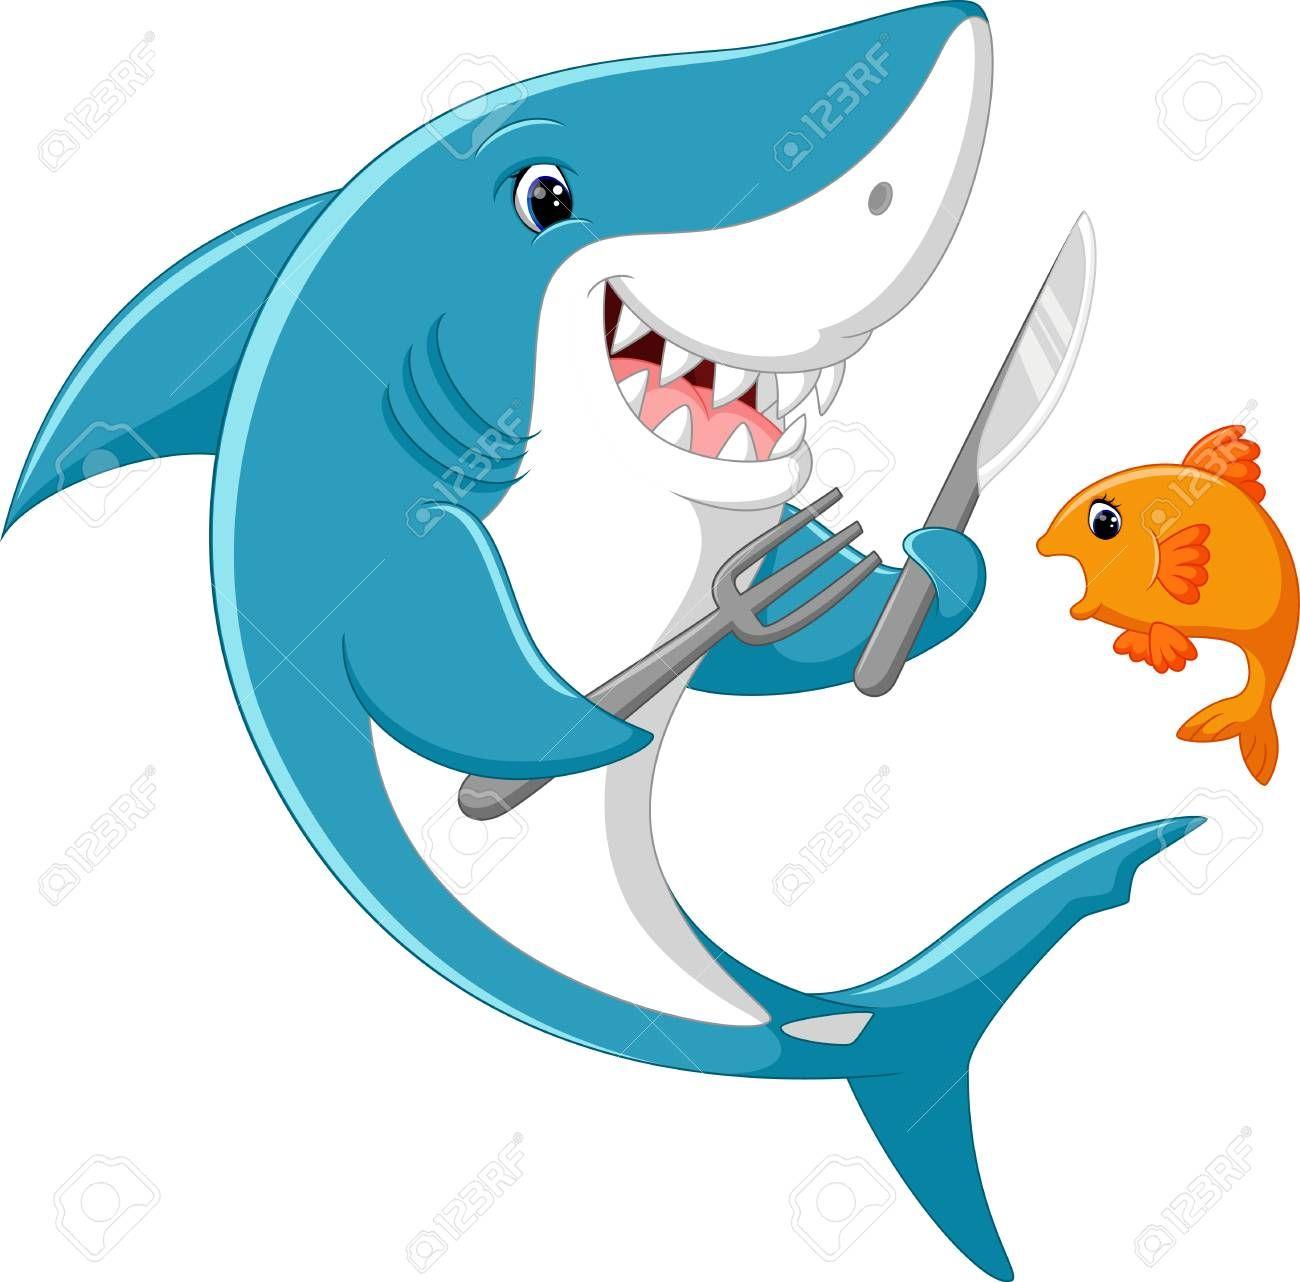 Cute Shark Cartoon Stock Photo Ad Shark Cute Cartoon Photo Stock Cute Shark Shark Art Fish Vector